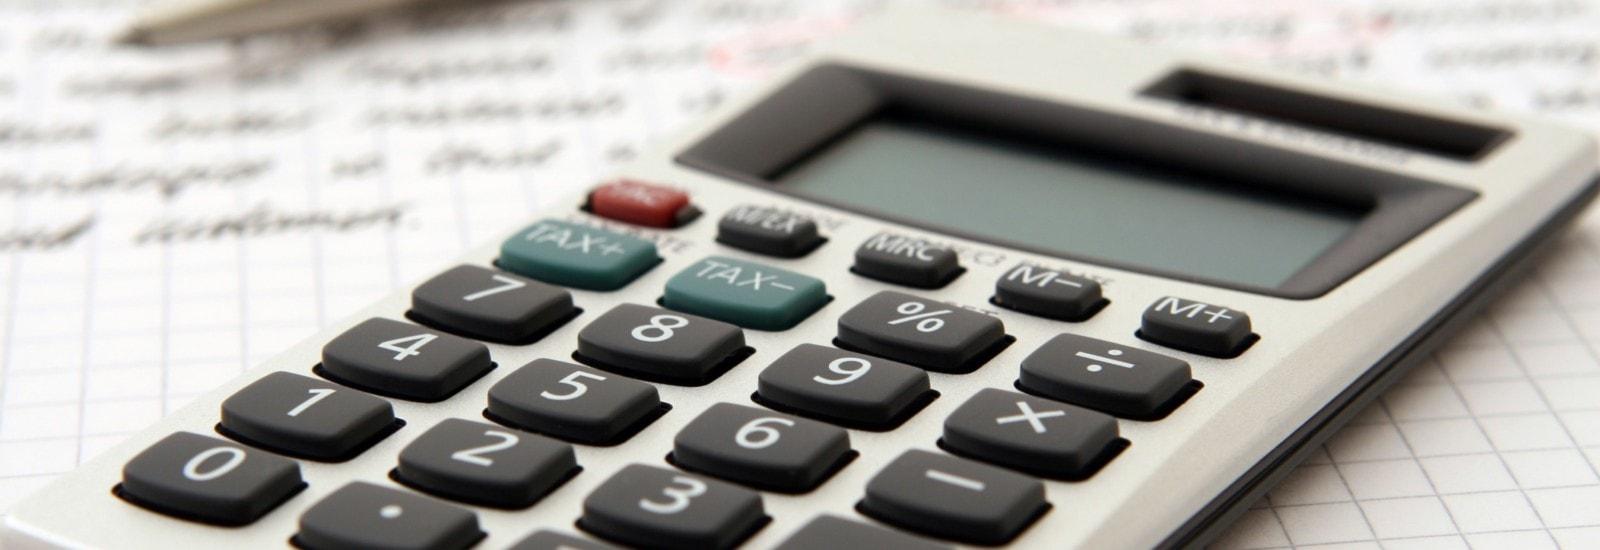 financieel-foto